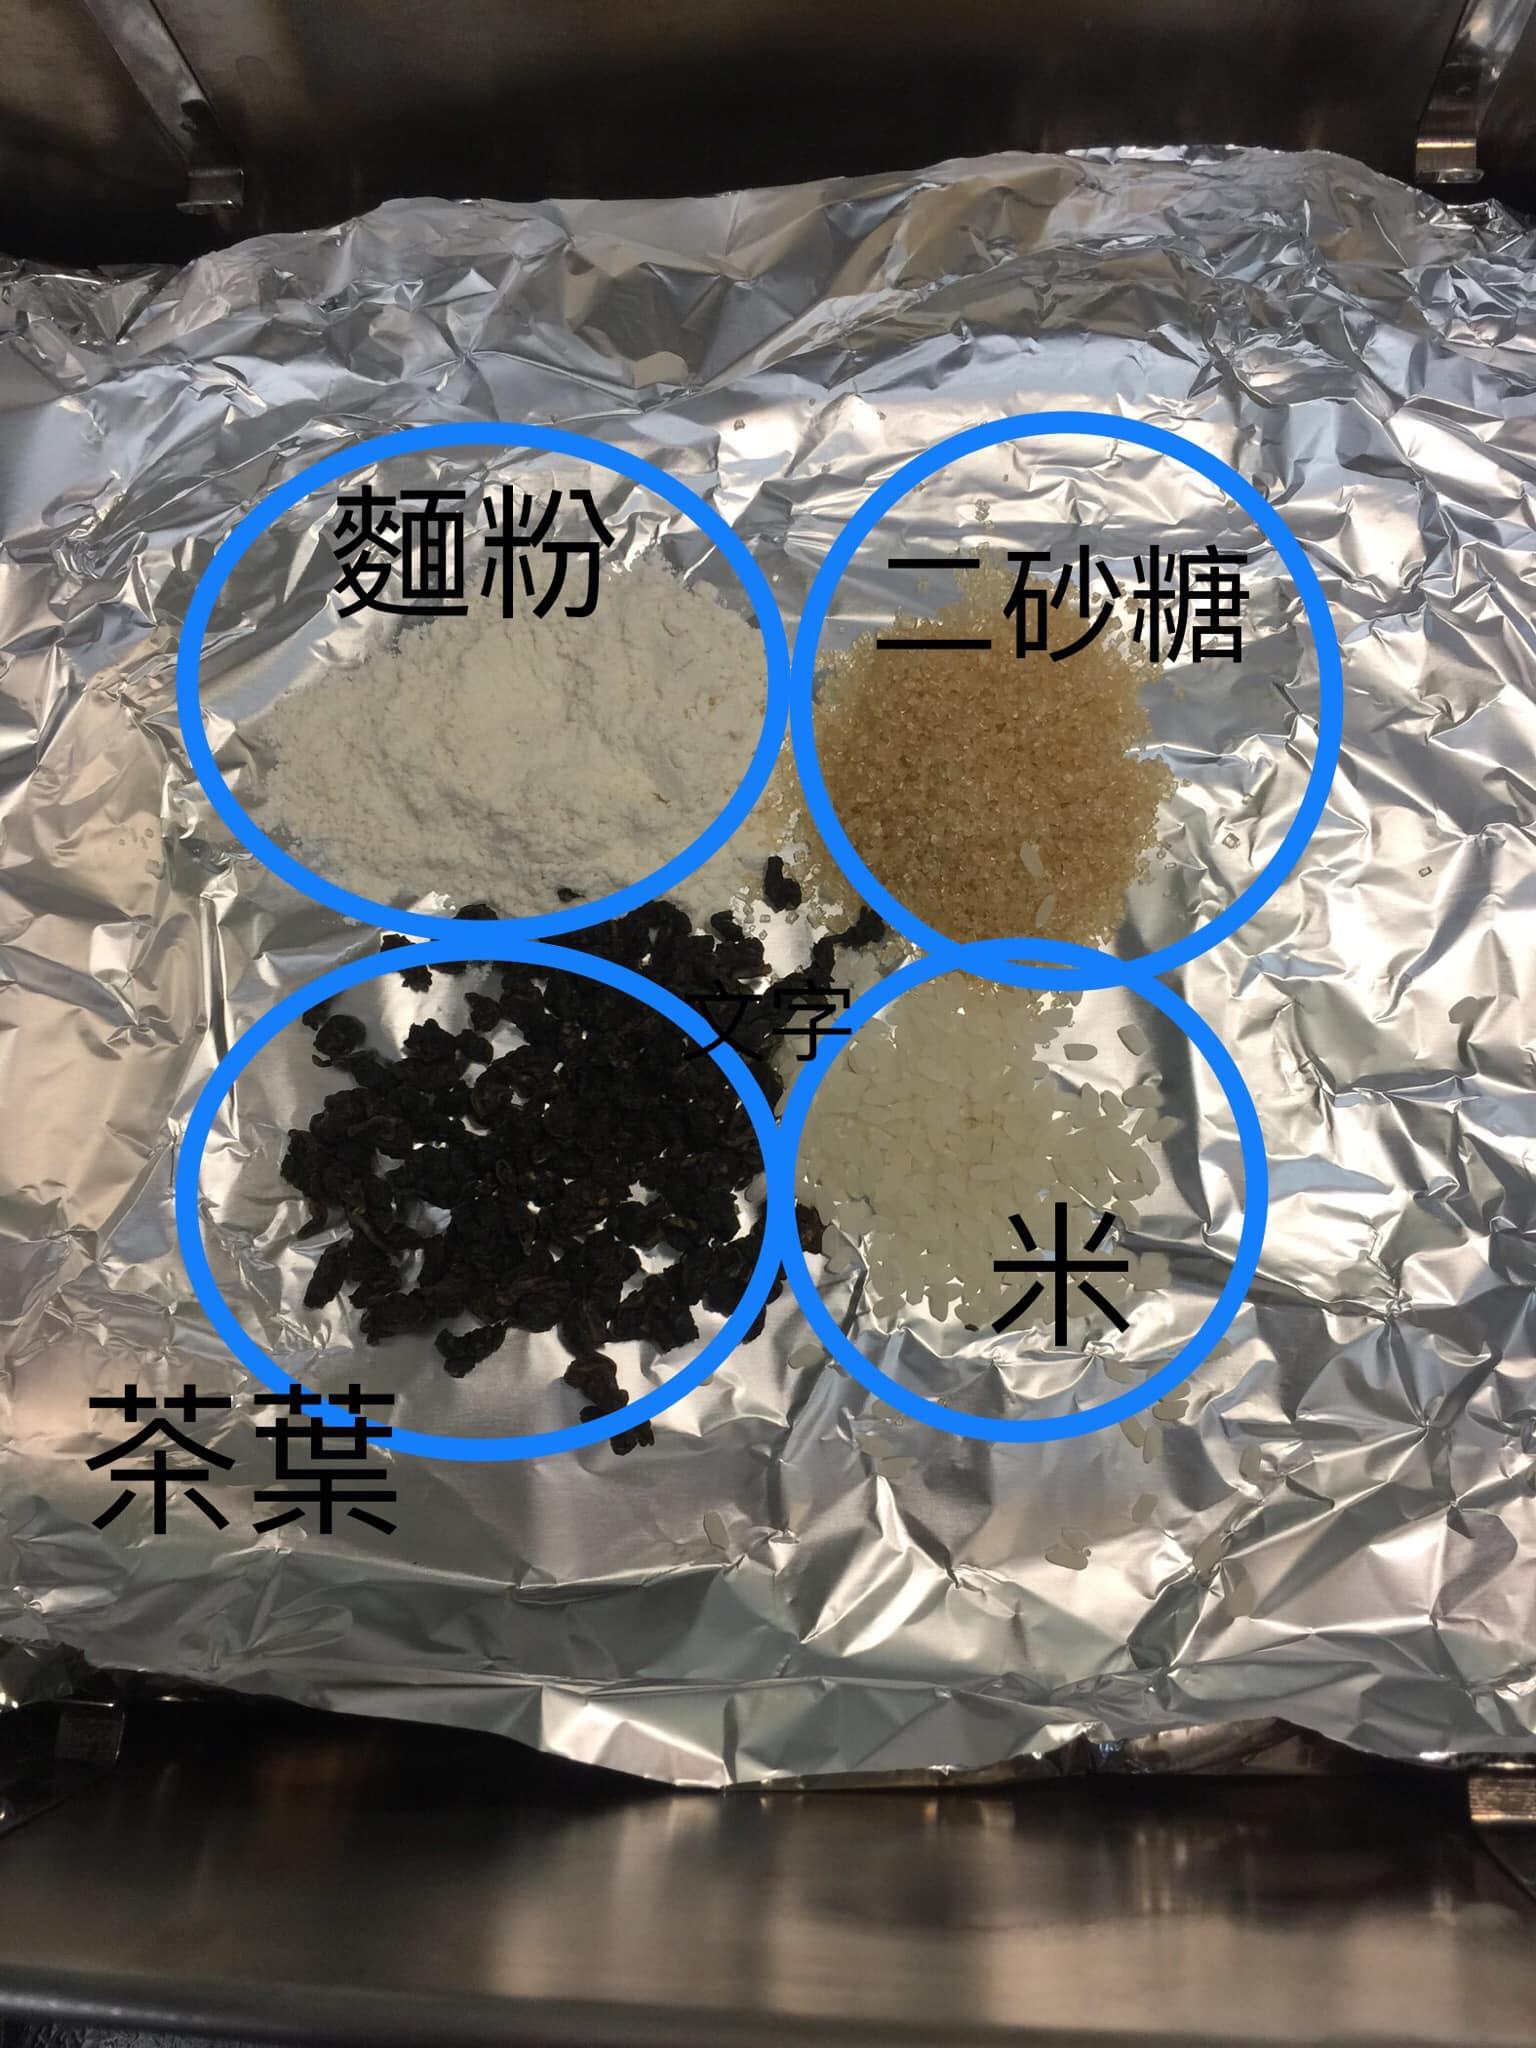 煙燻鍋底鋪上錫箔紙,放入煙燻料。 ps:若沒有煙燻木削可用照片中材料取代